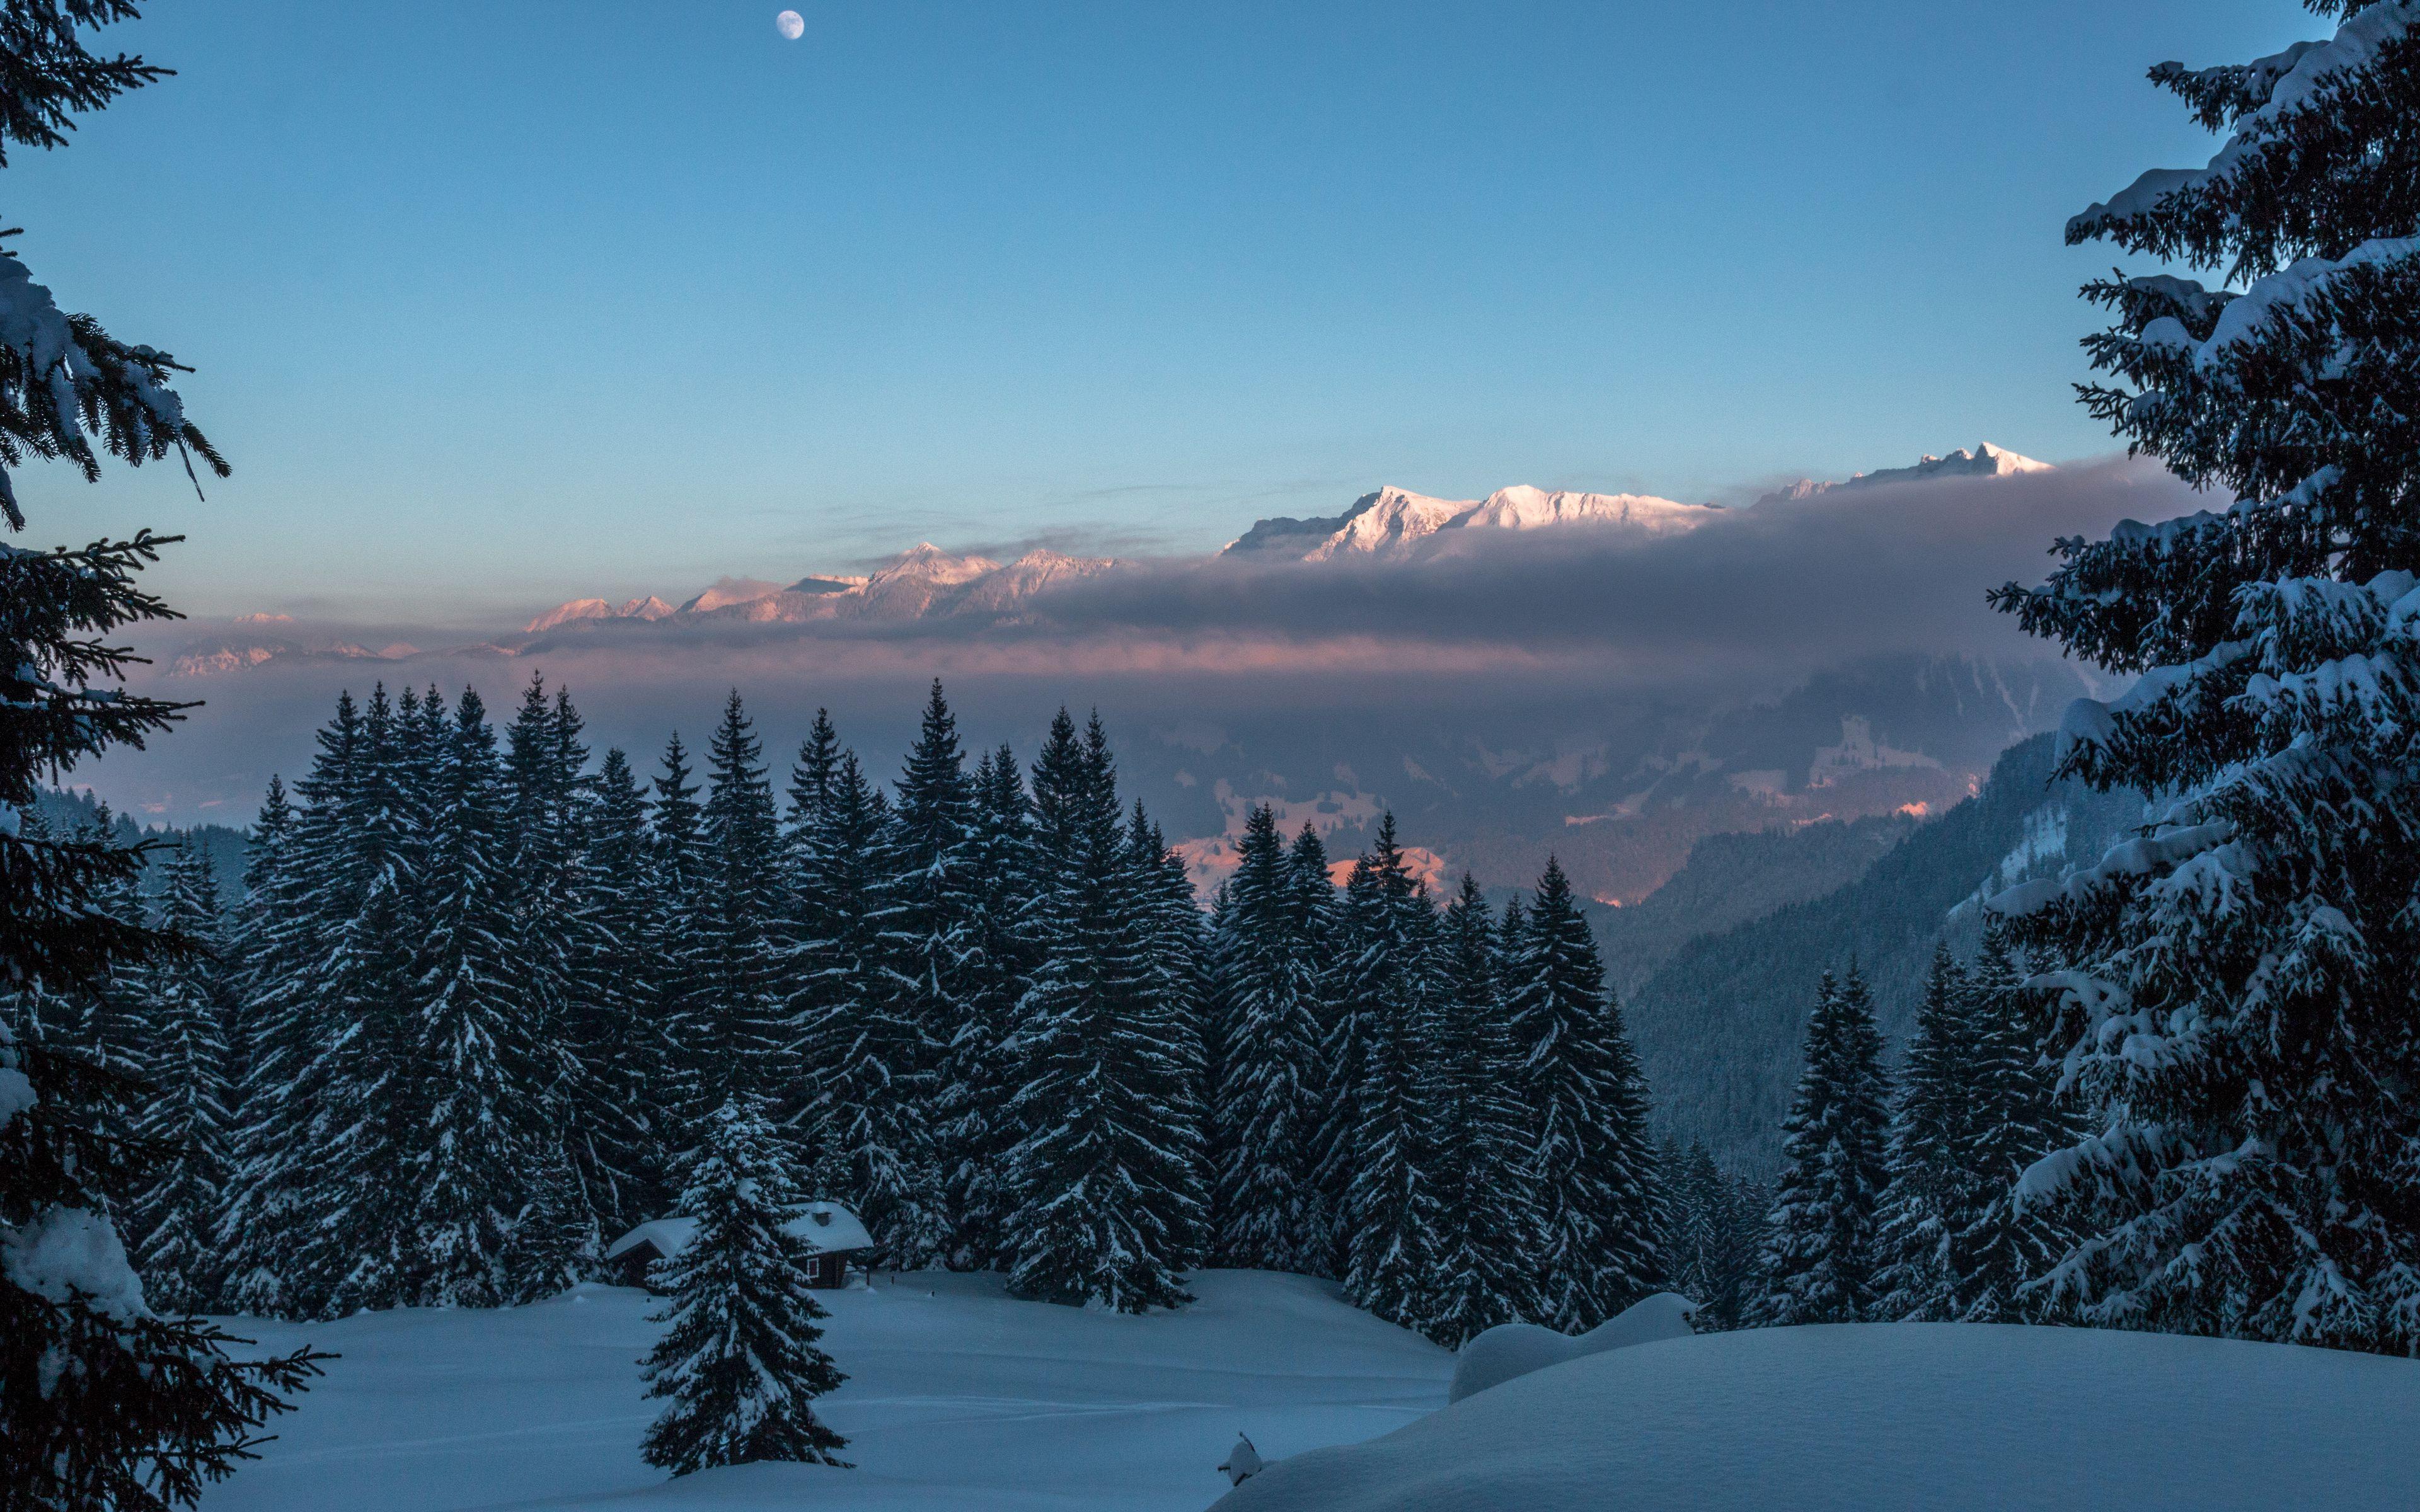 Fondos de pantalla Montañas en el bosque lleno de nieve